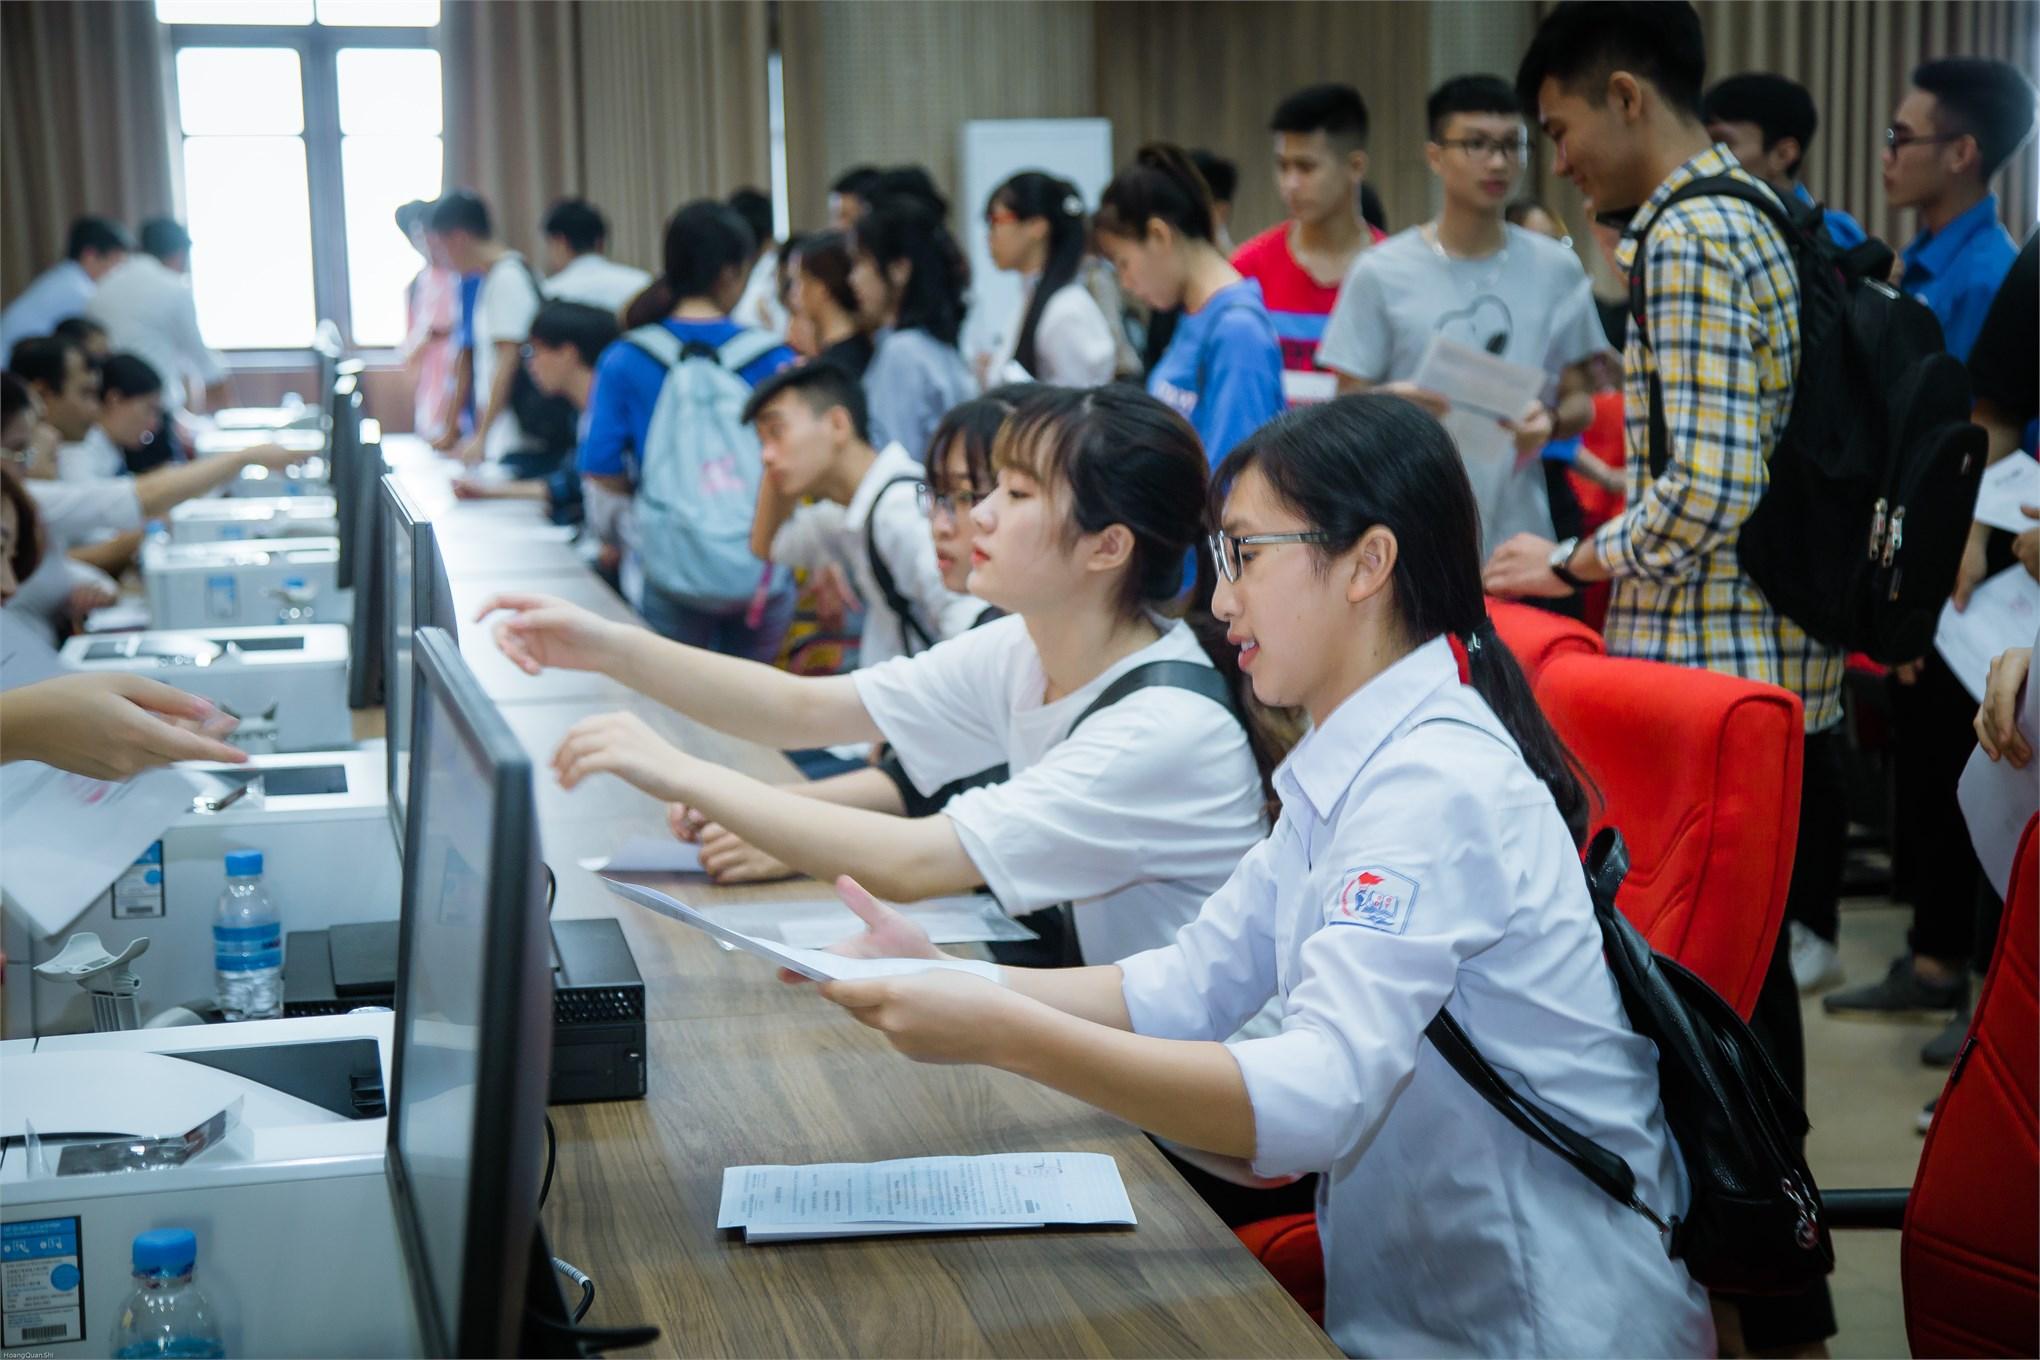 Thí sinh đăng ký xác nhận thủ tục nhập học tại Đại học Công nghiệp Hà Nội năm 2019